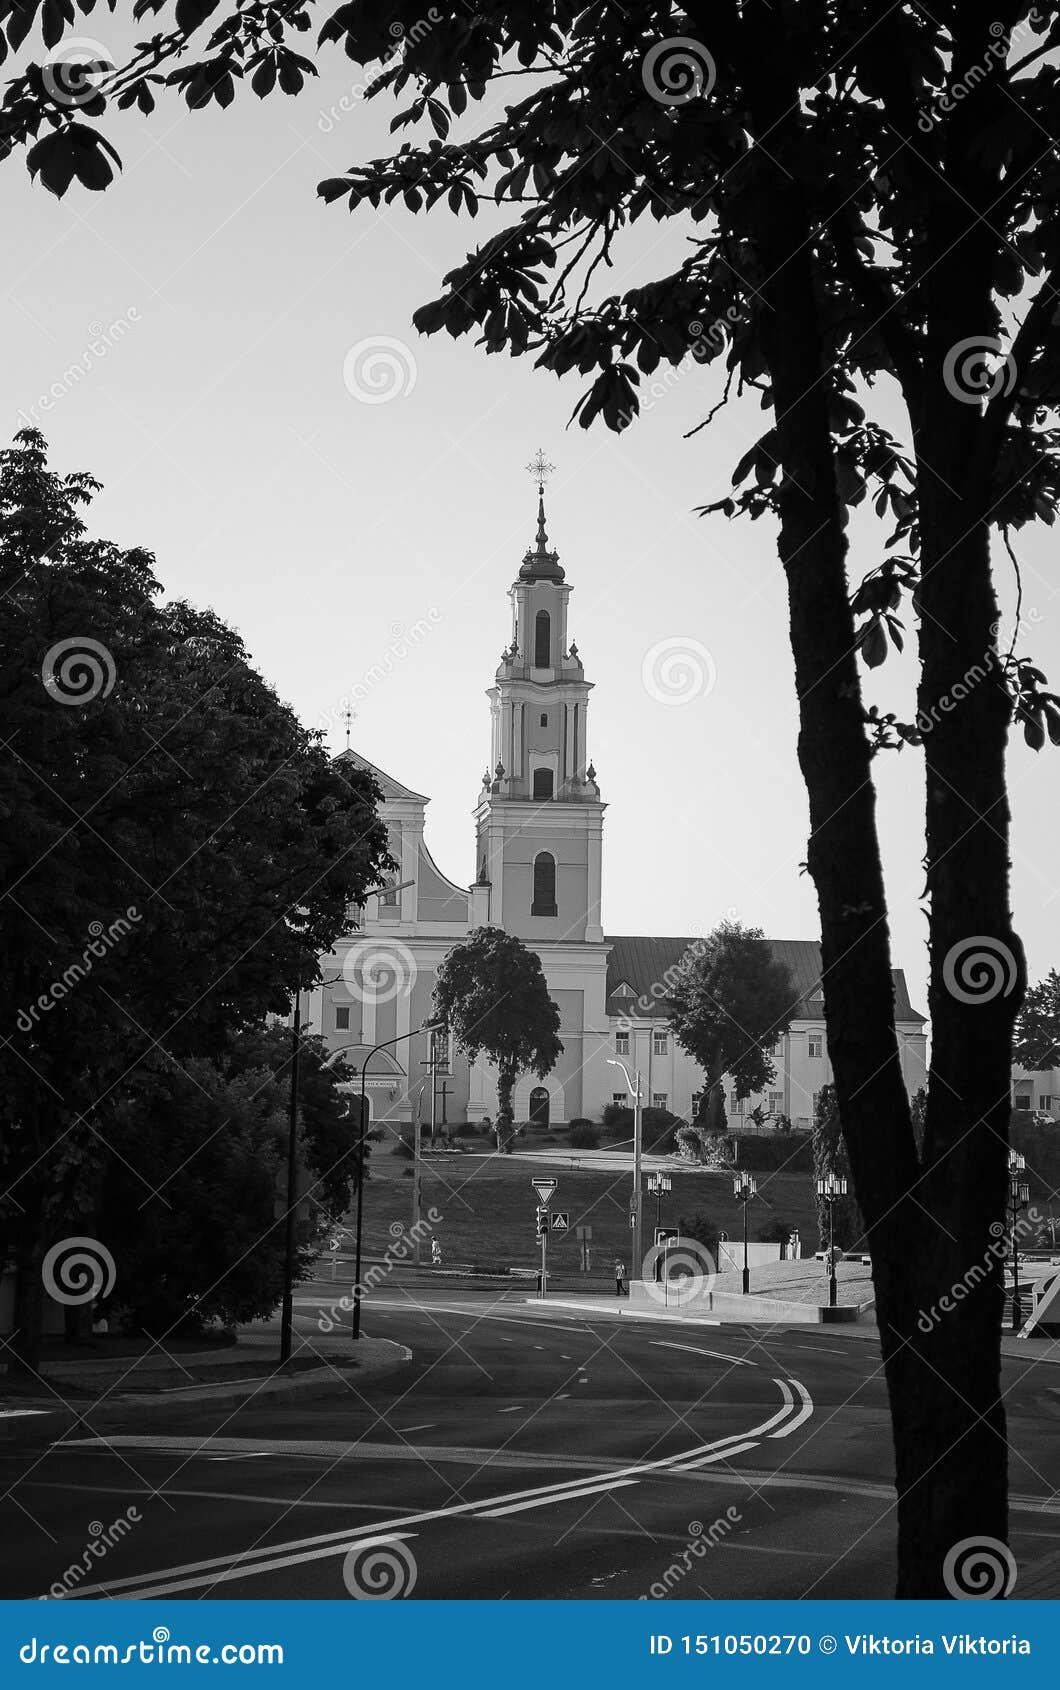 Architecture de ville, vieux bâtiments, vues